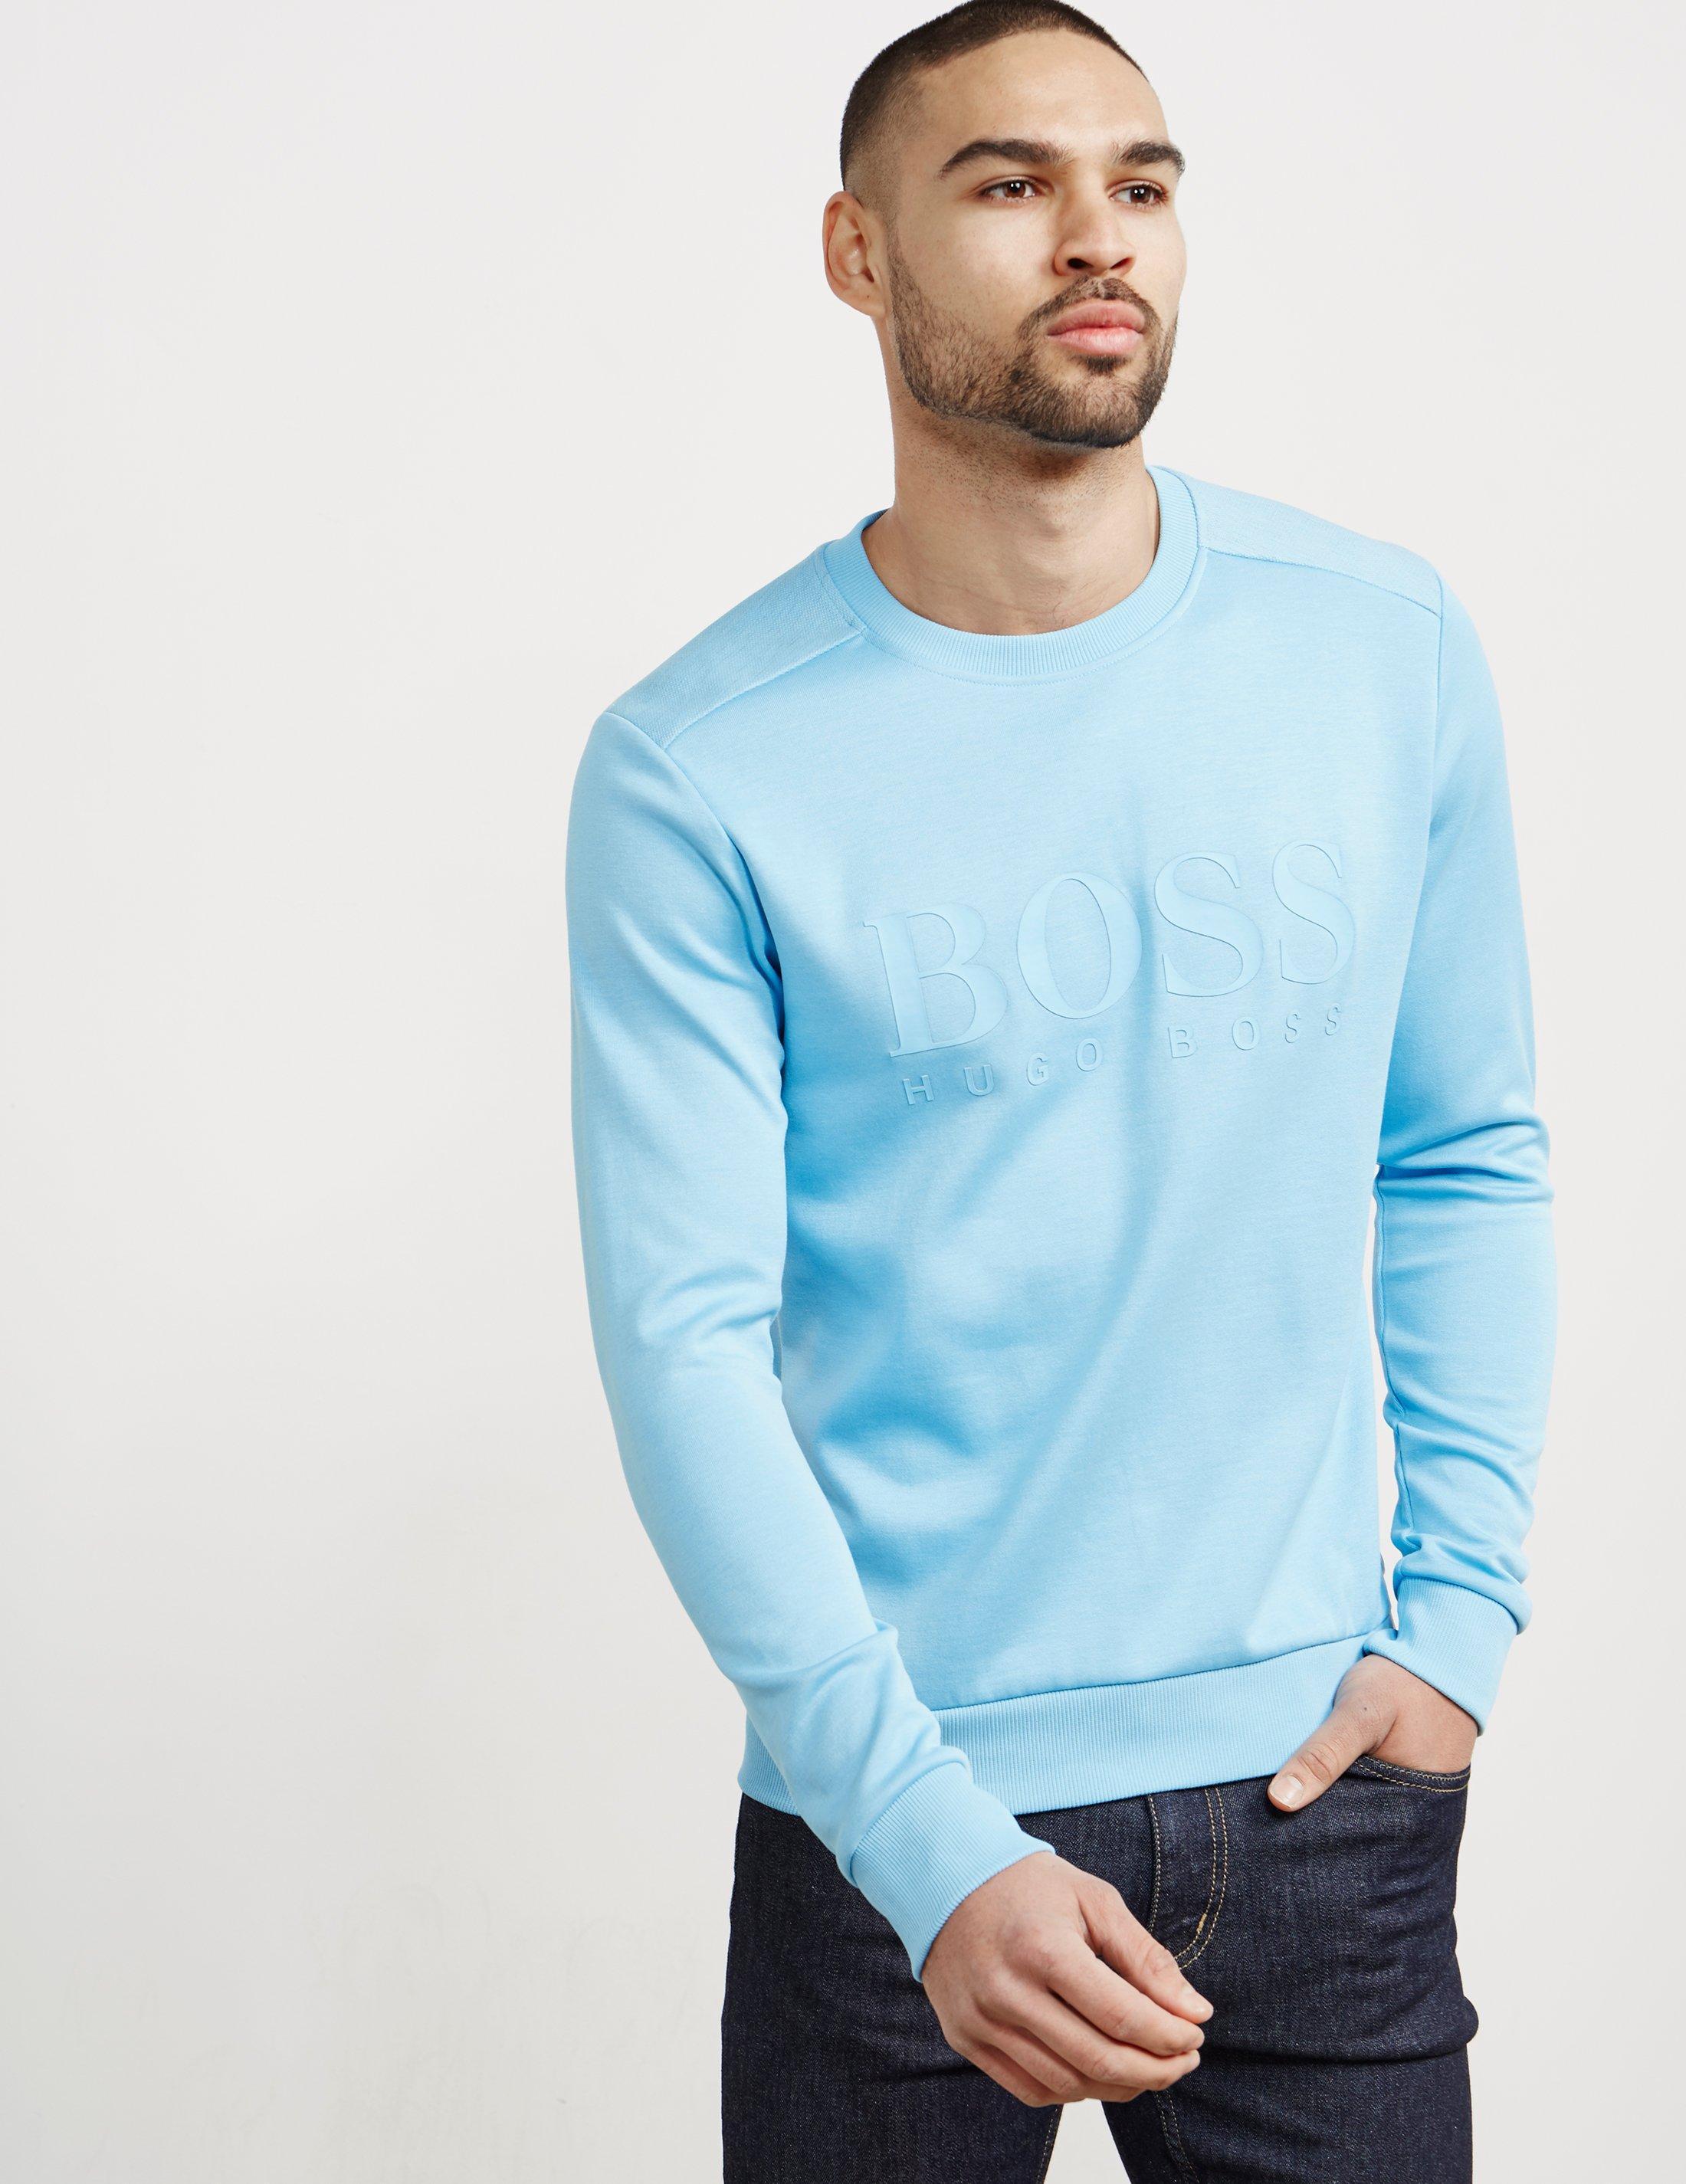 42904e0be BOSS Salbo Sweatshirt Blue in Blue for Men - Lyst